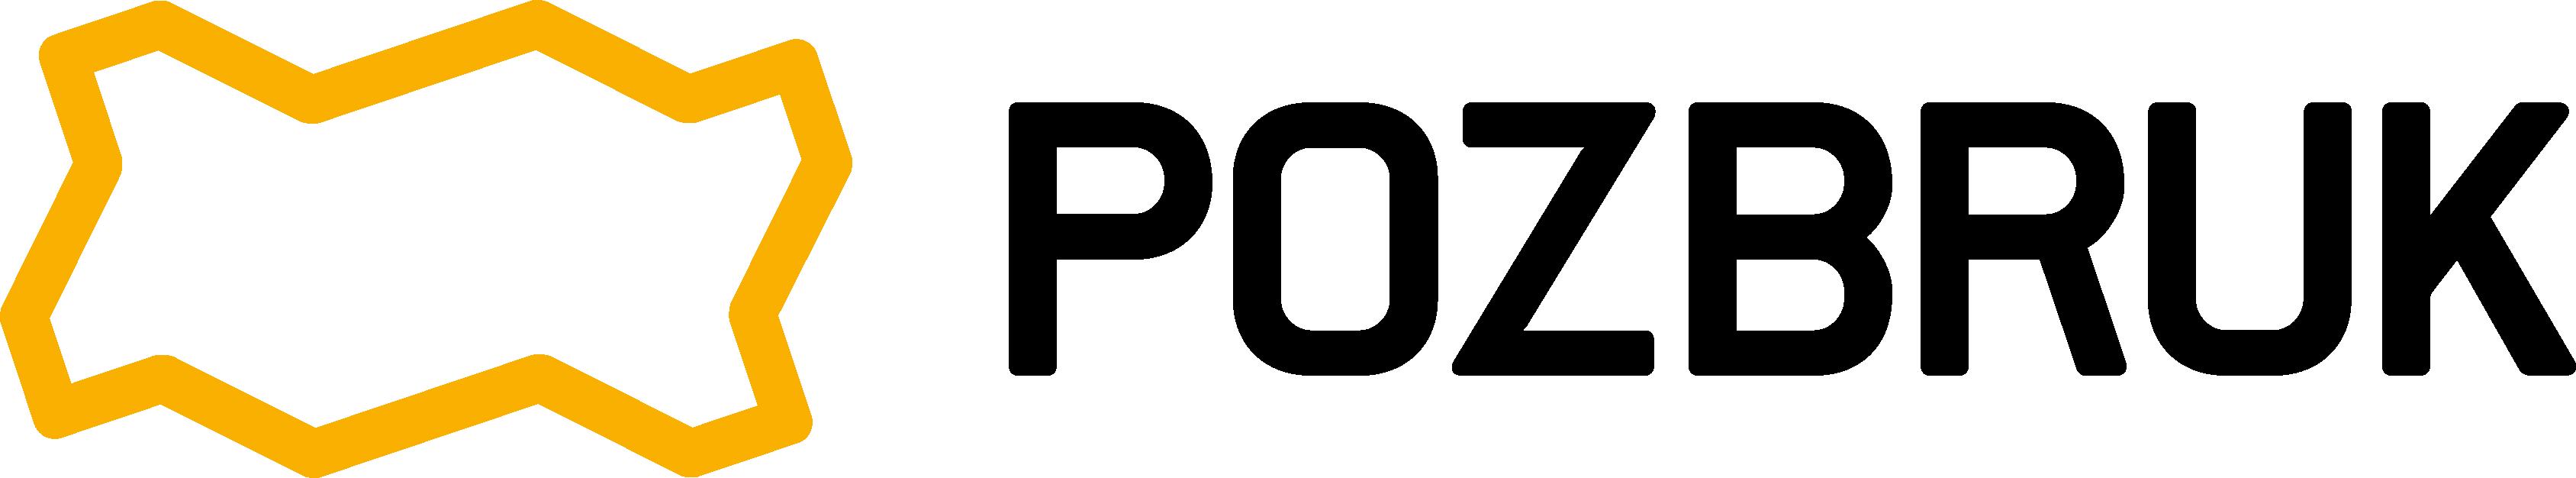 POZBRUK